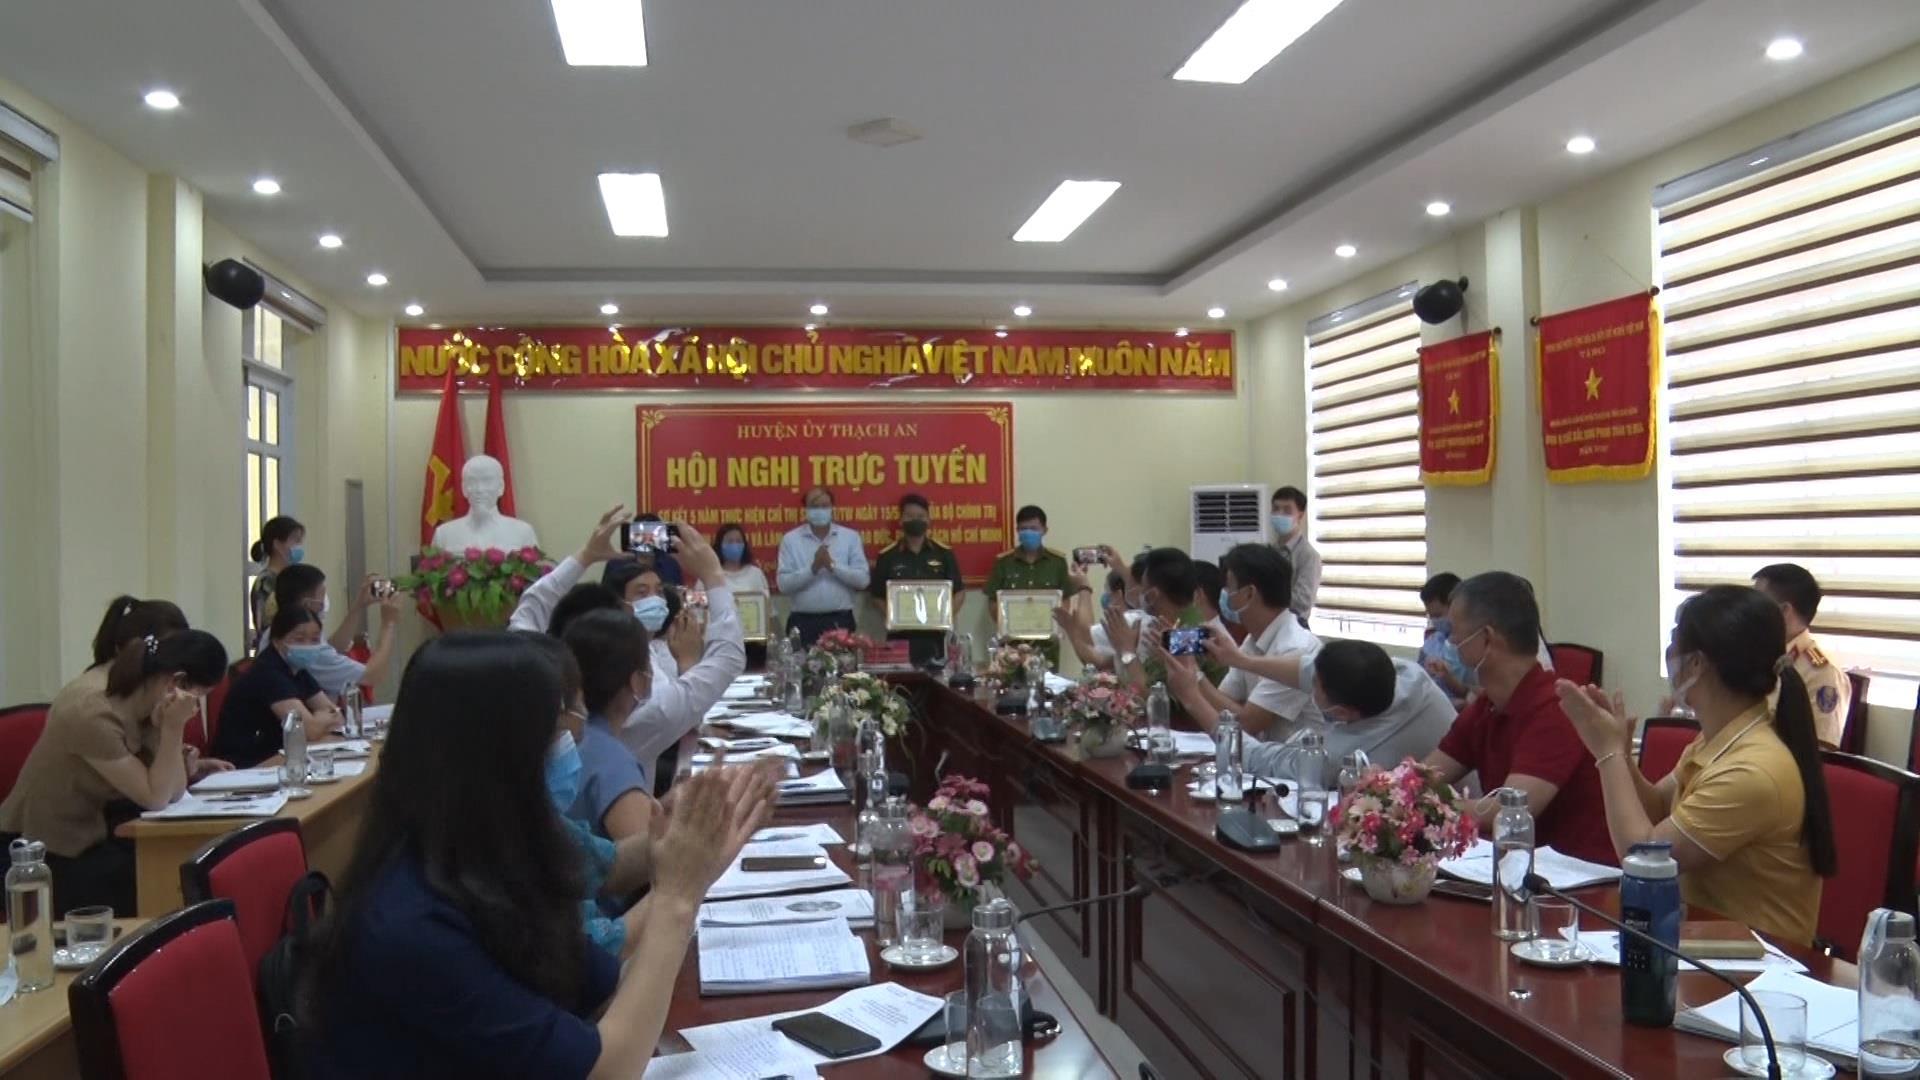 Thạch An: Sơ kết 5 năm thực hiện Chỉ thị 05 - CT/TW về đẩy mạnh học tập và làm theo tư tưởng, đạo đức, phong cách Hồ Chí Minh